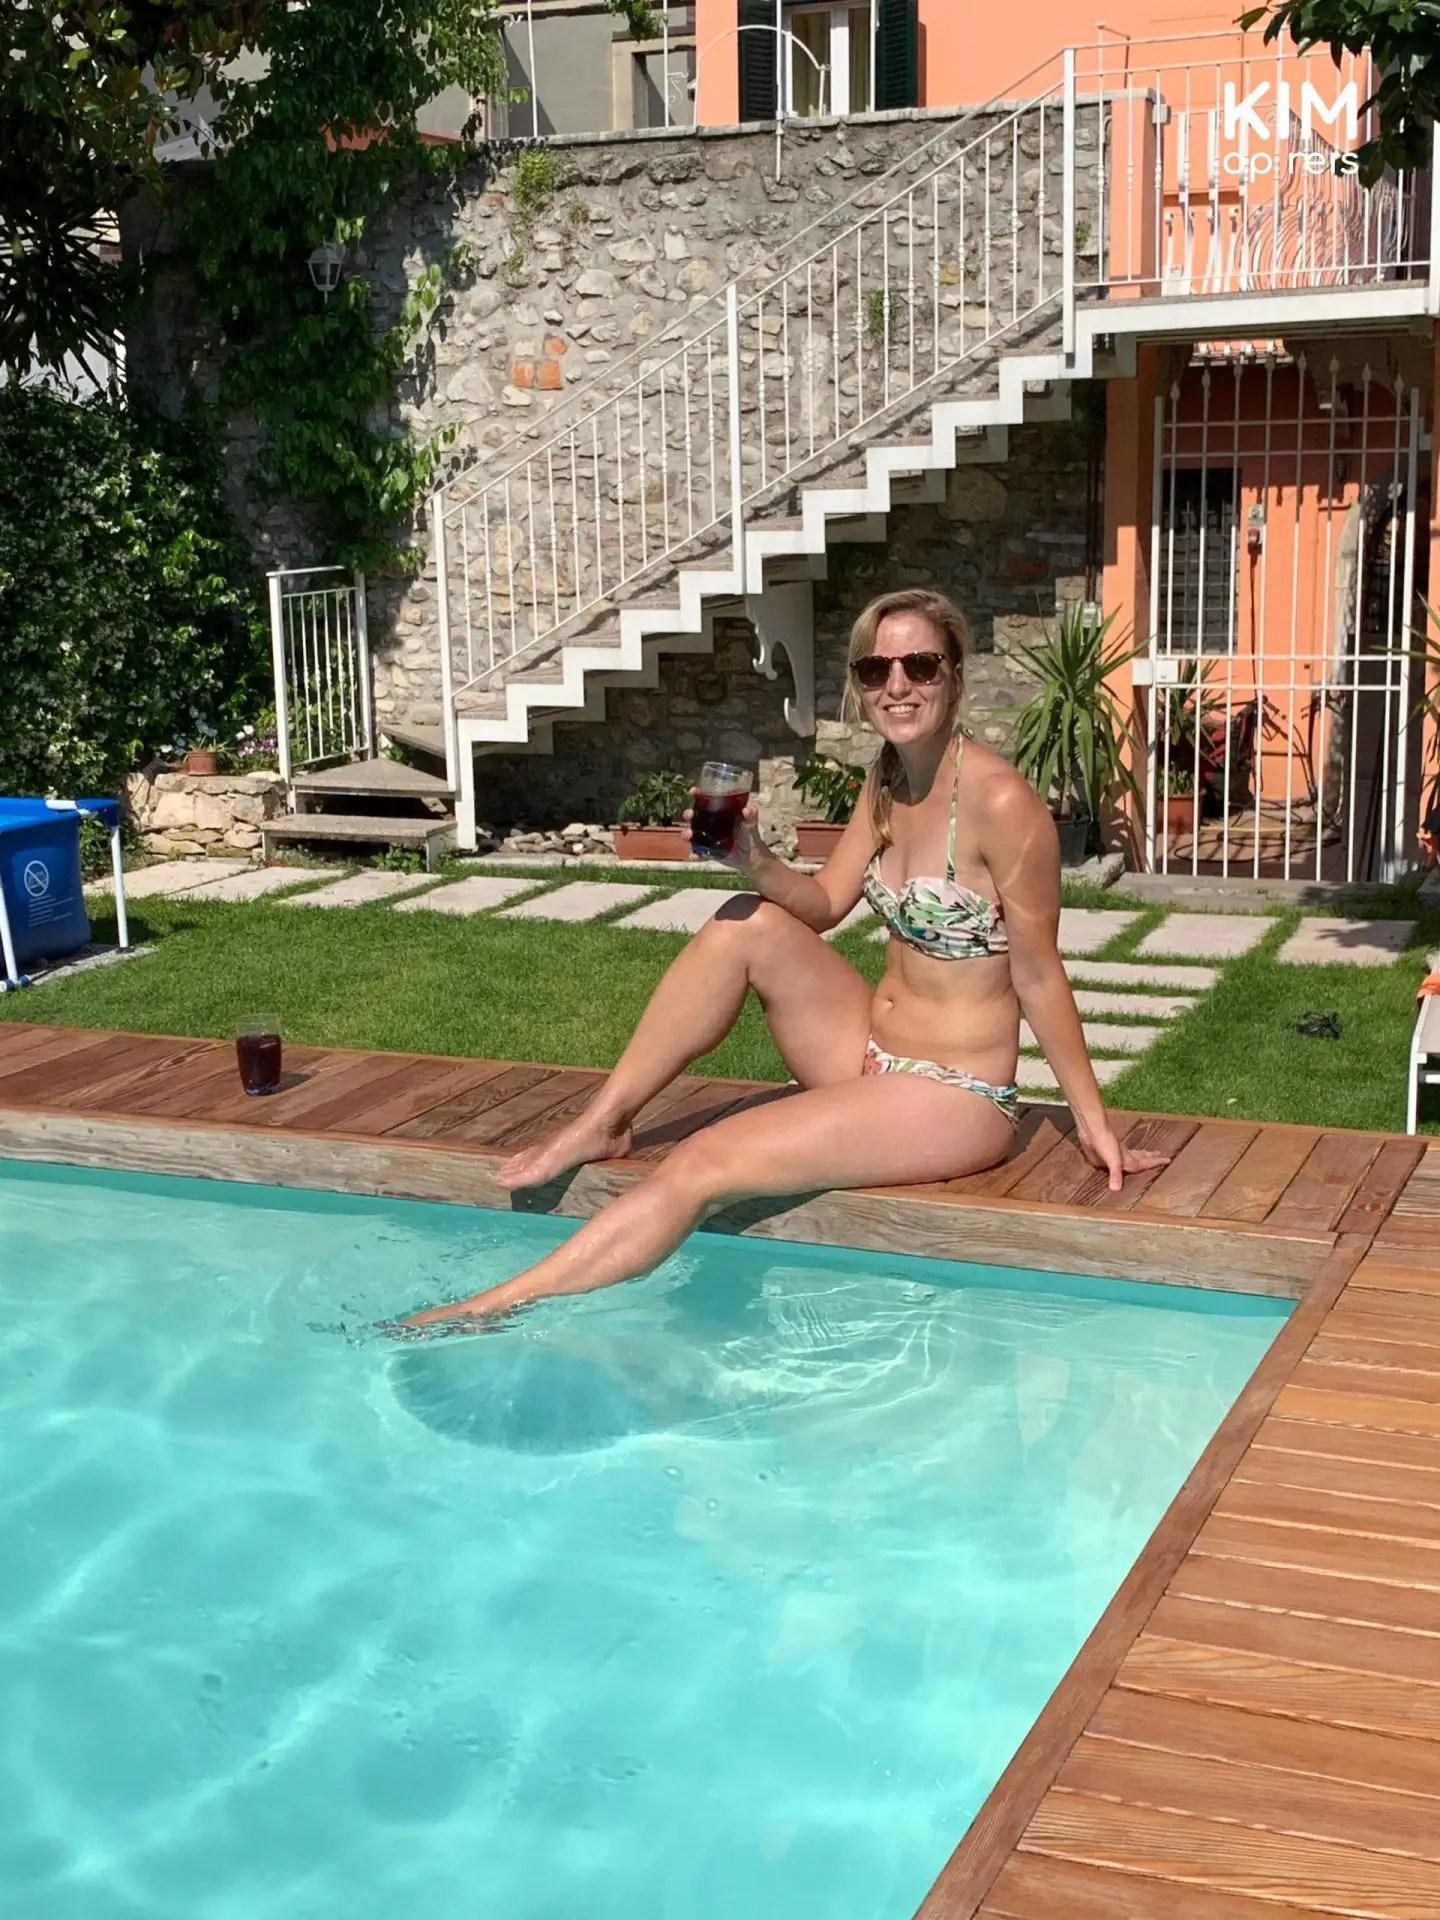 Sangria aan het zwembad - Kim met de voetjes in het water van het zwembad met een glaasje sangria